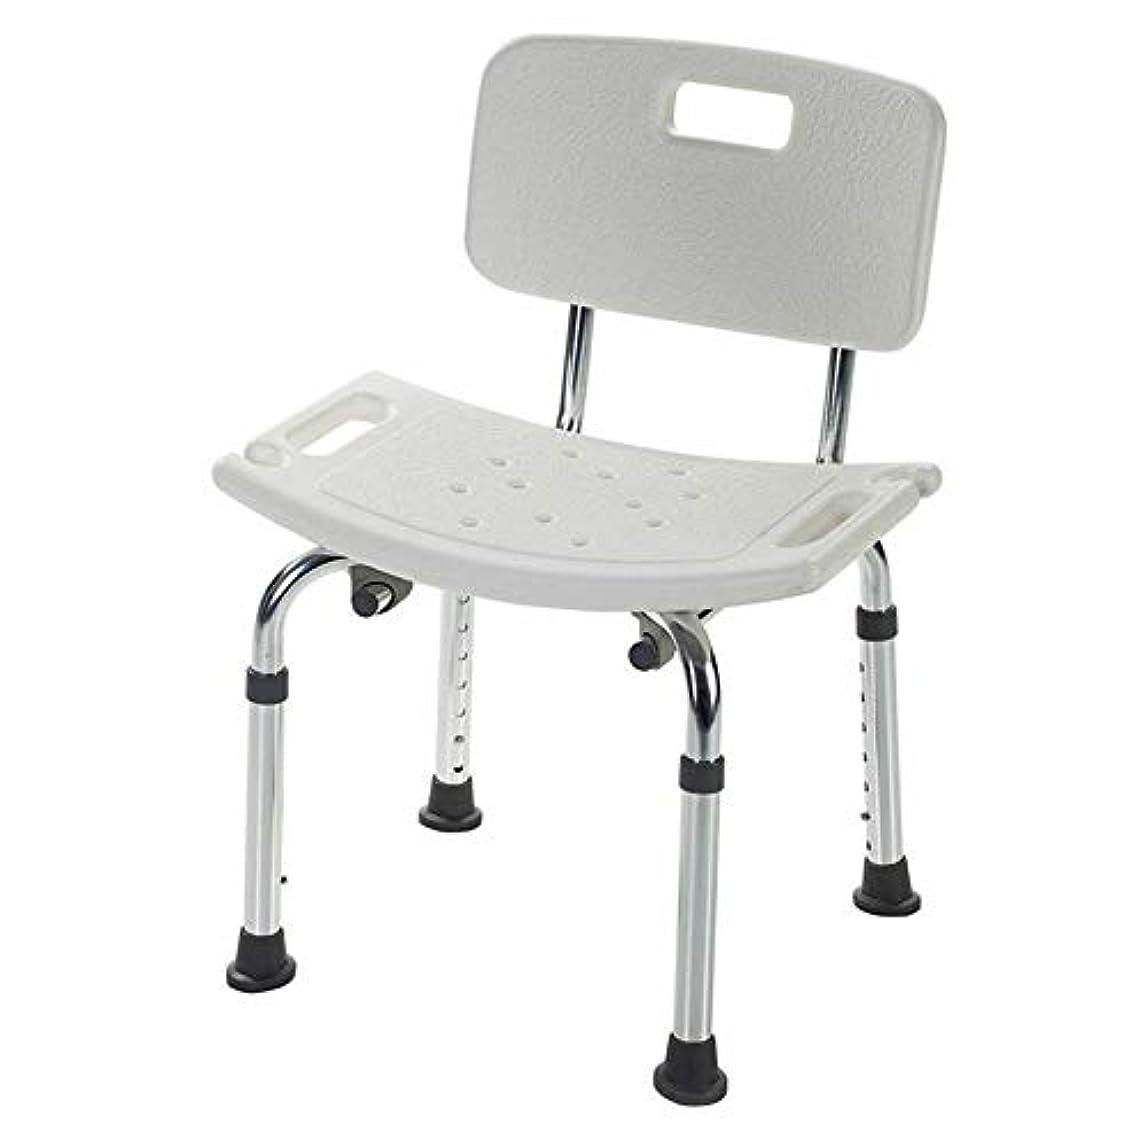 特徴づける征服するベルトバスシートベンチシャワースツールシャワーチェア、背もたれ付きU字型シートプレート高さ調節可能な高齢者用入浴補助具